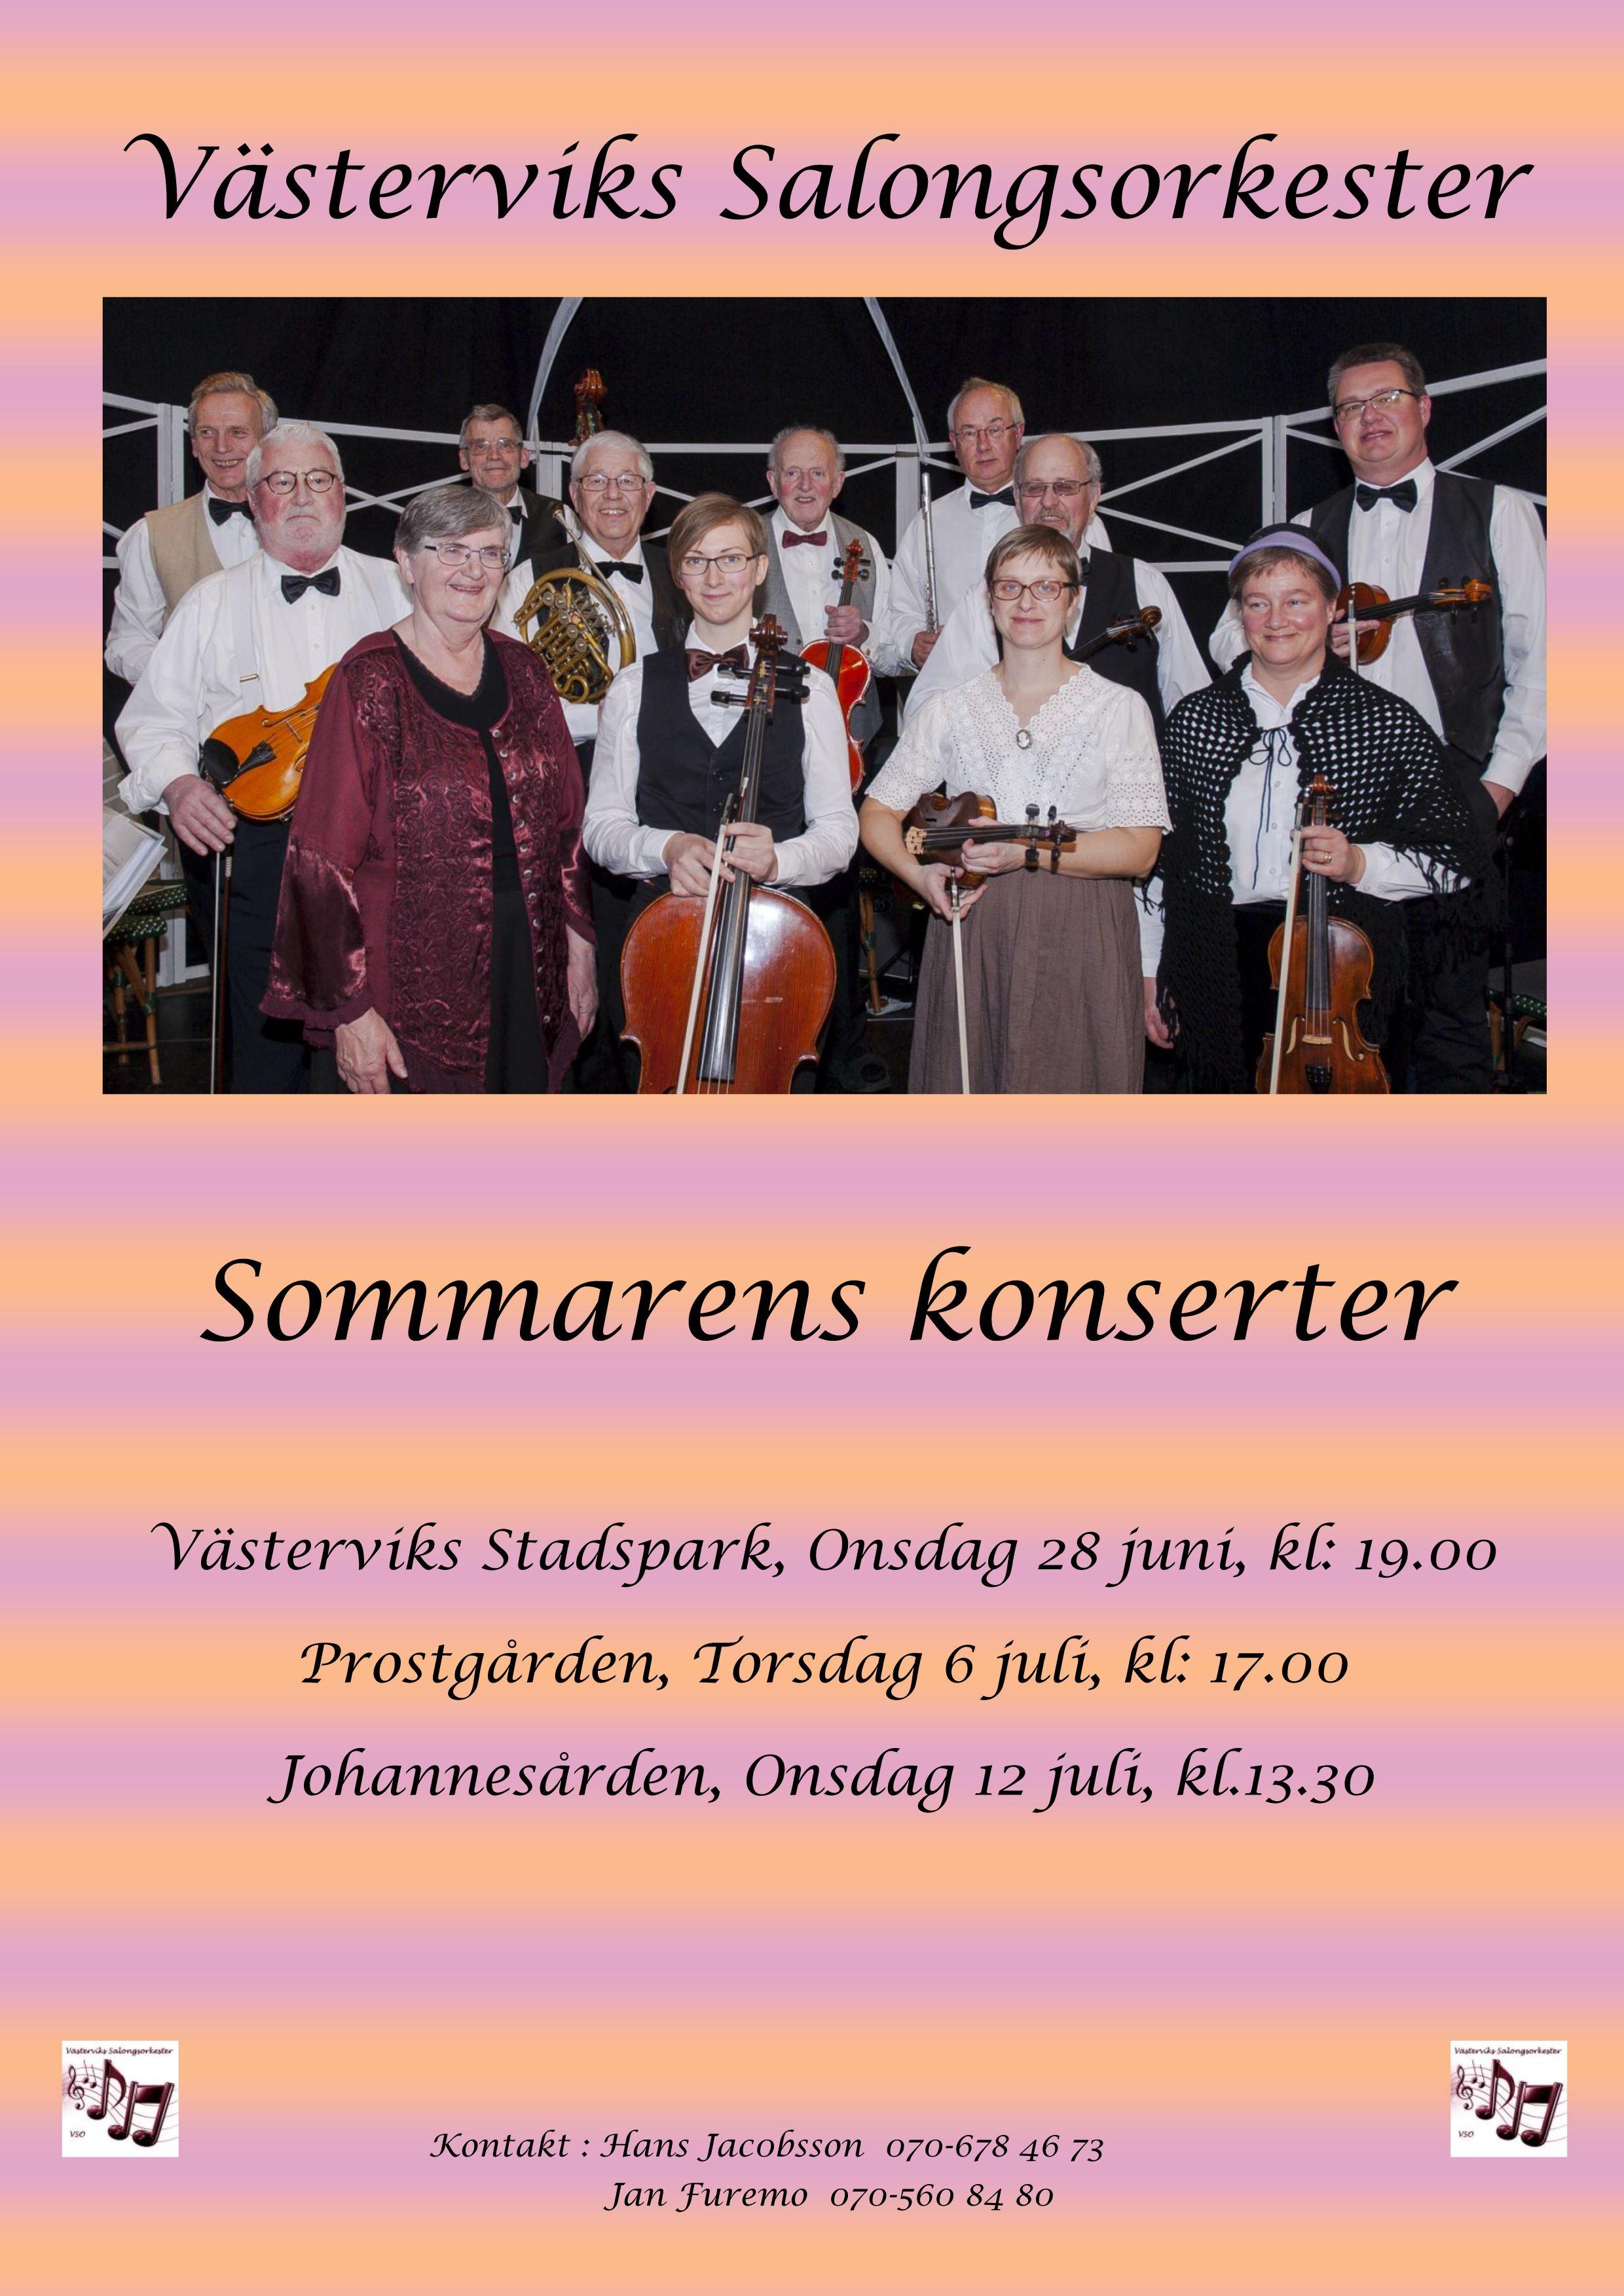 Västerviks Salongsorkester